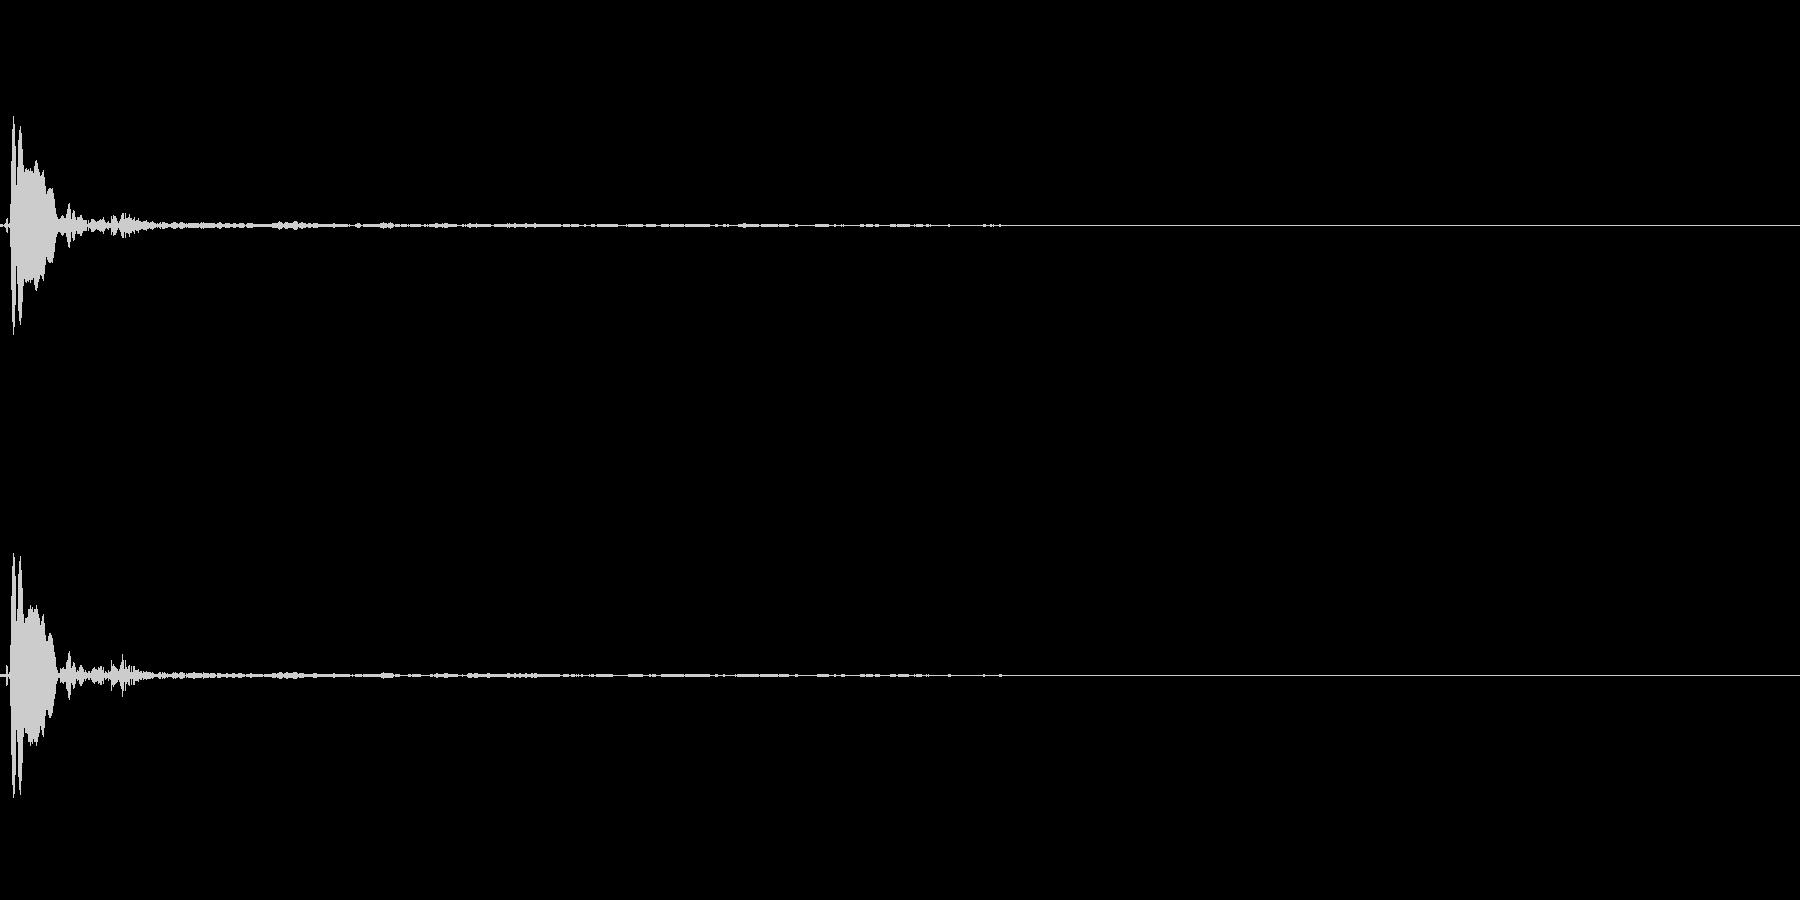 アイコン出現音(ピッ)の未再生の波形